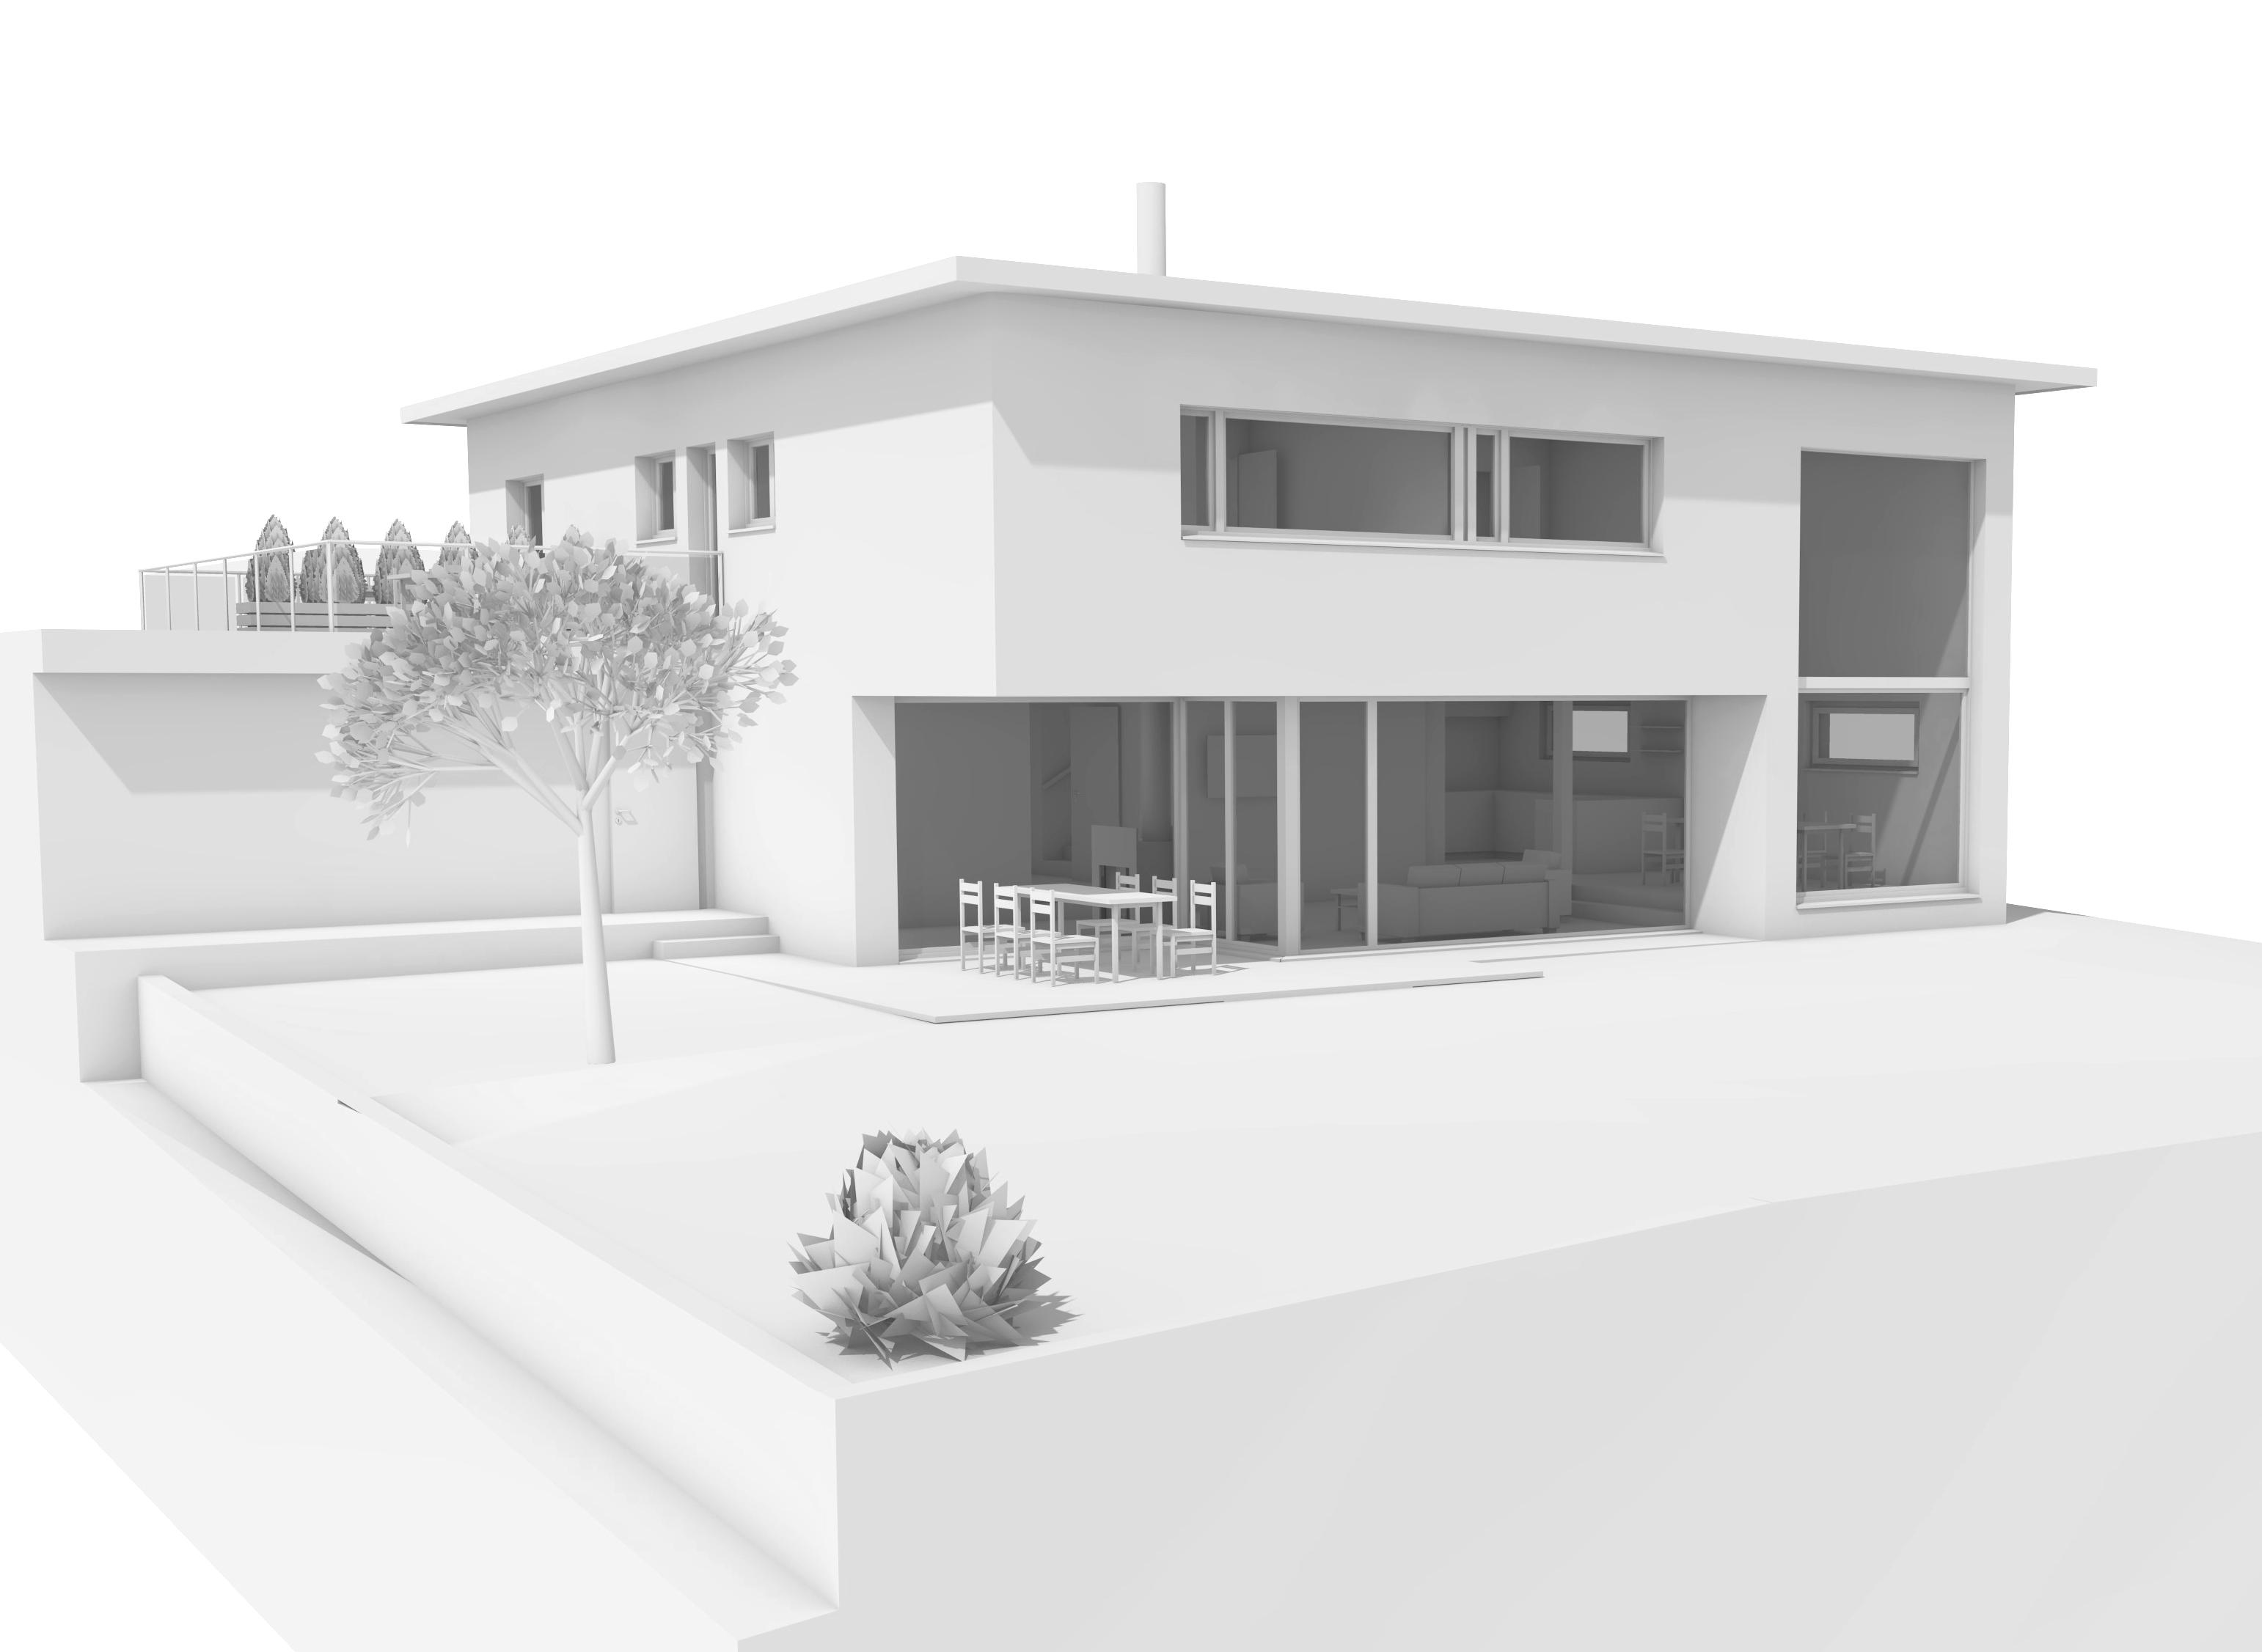 Architektur Ronner Kaltbrunn Neubau Einfamilienhaus EFH Modern Kubisch Bauleitung